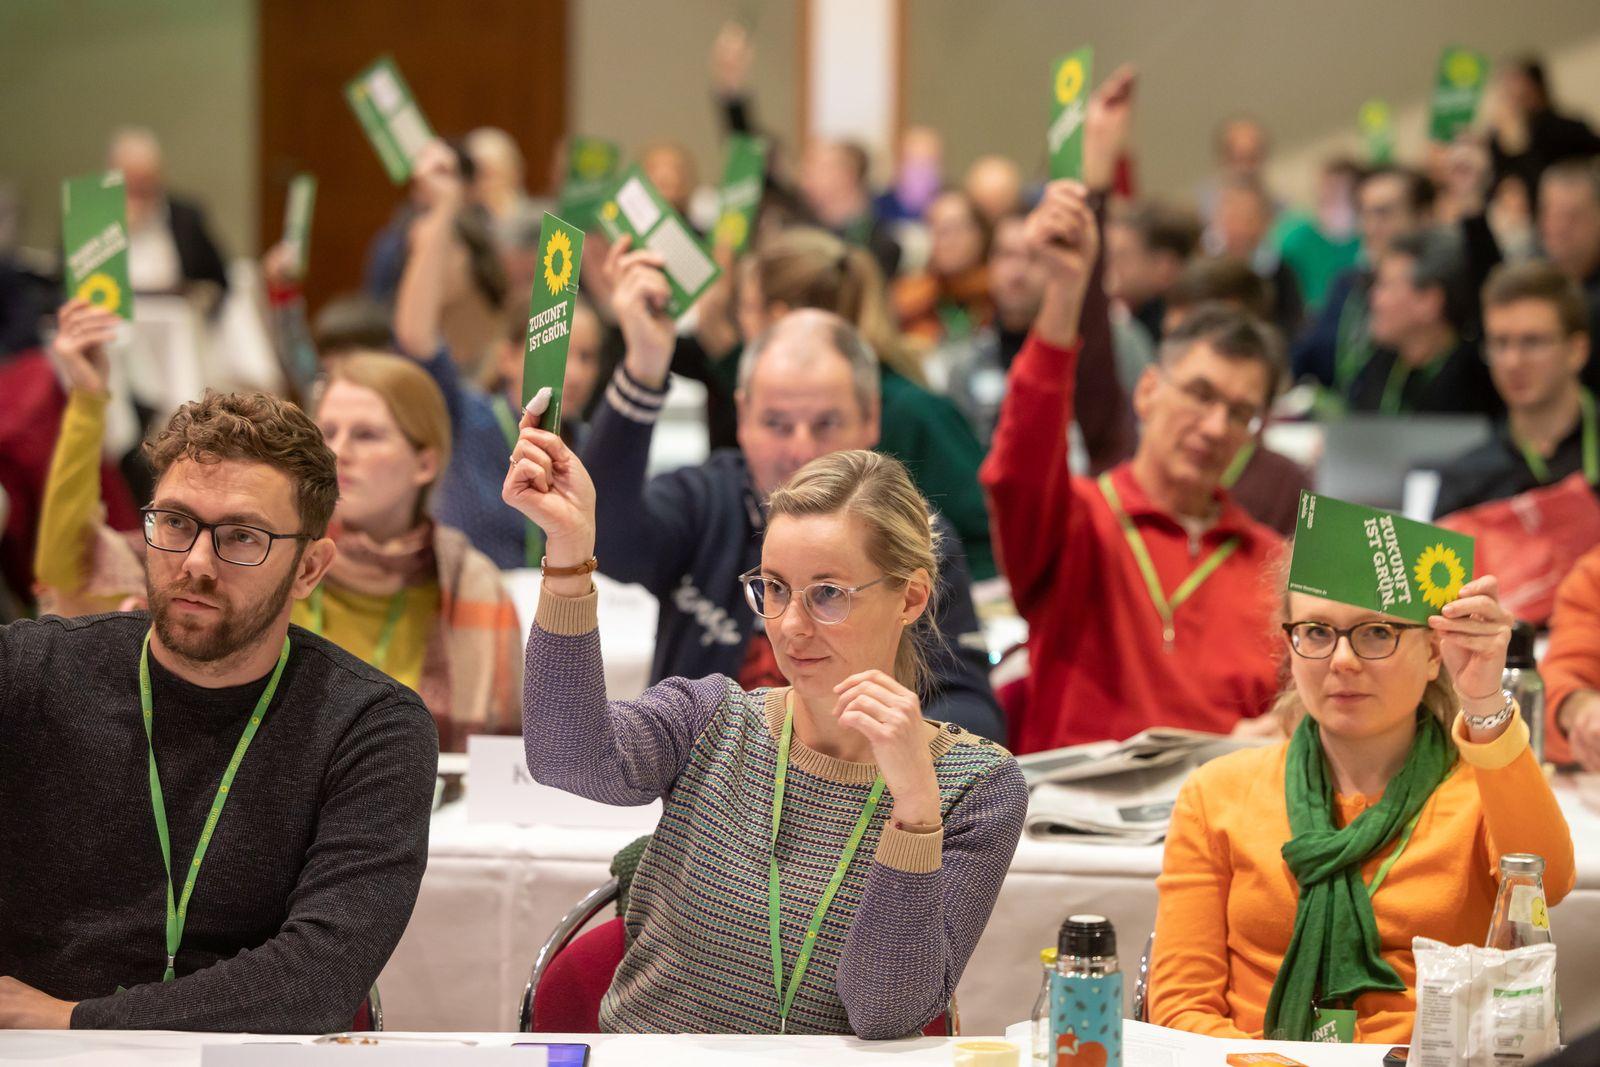 Landesdelegiertenkonferenz Bündnis 90/Die Grünen